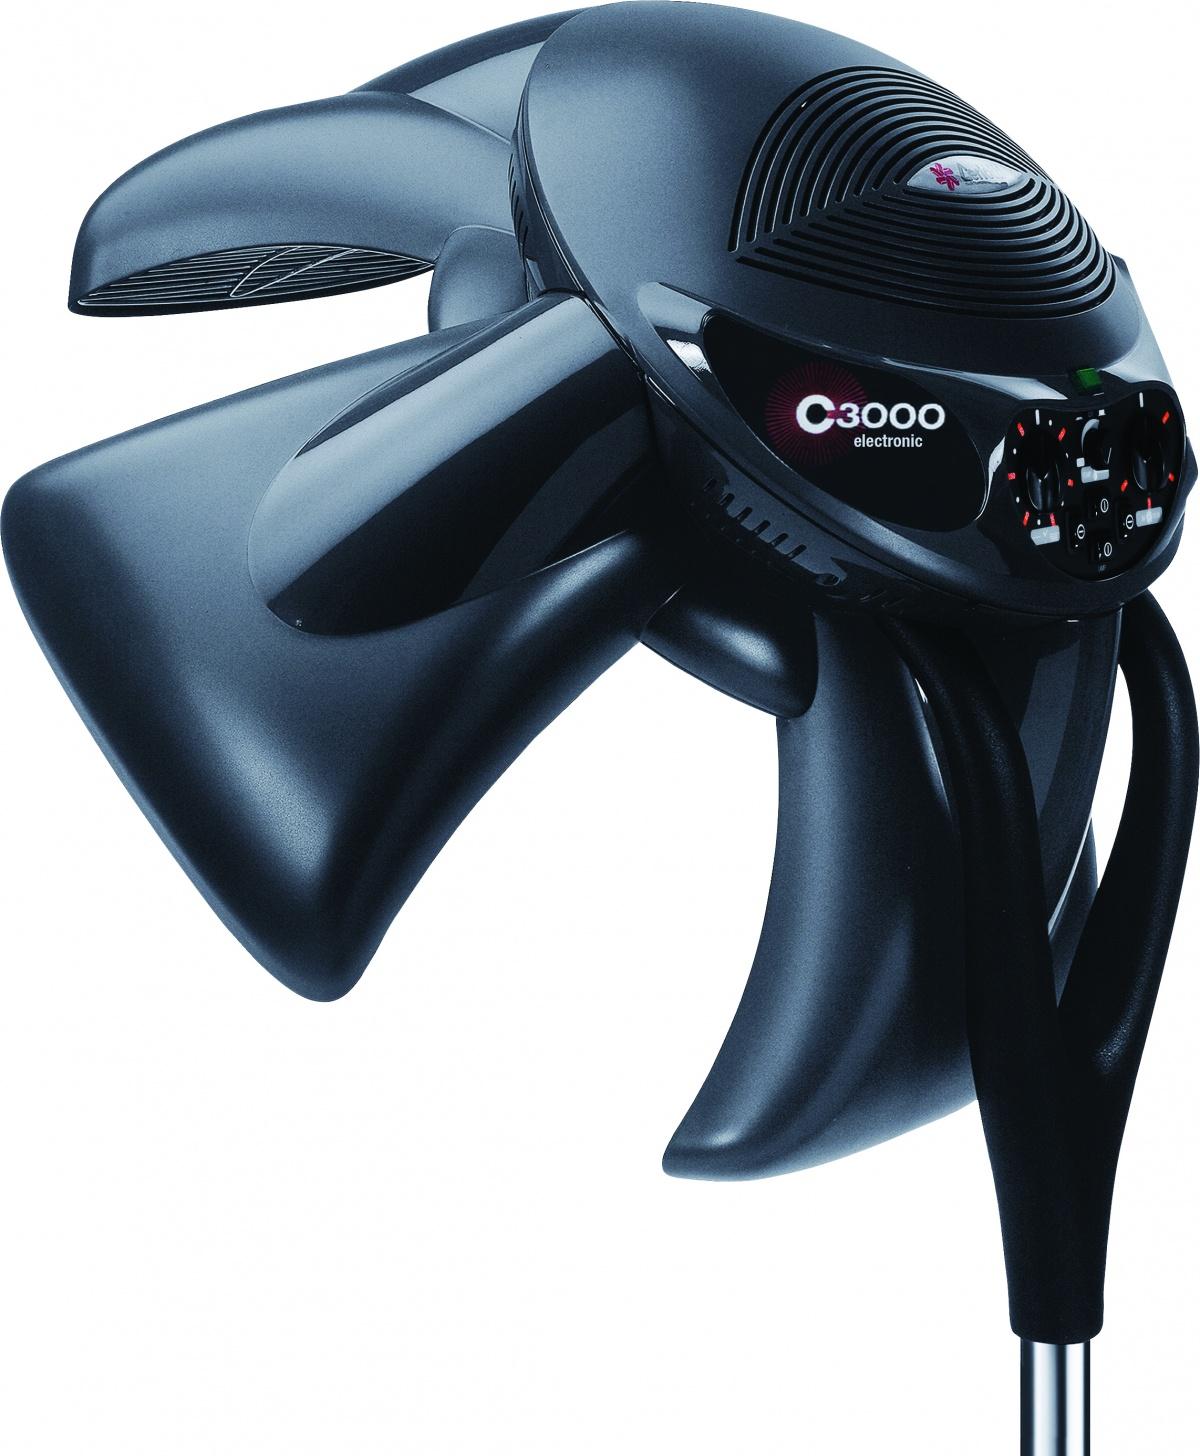 Ceriotti klimazón C3000 electronic